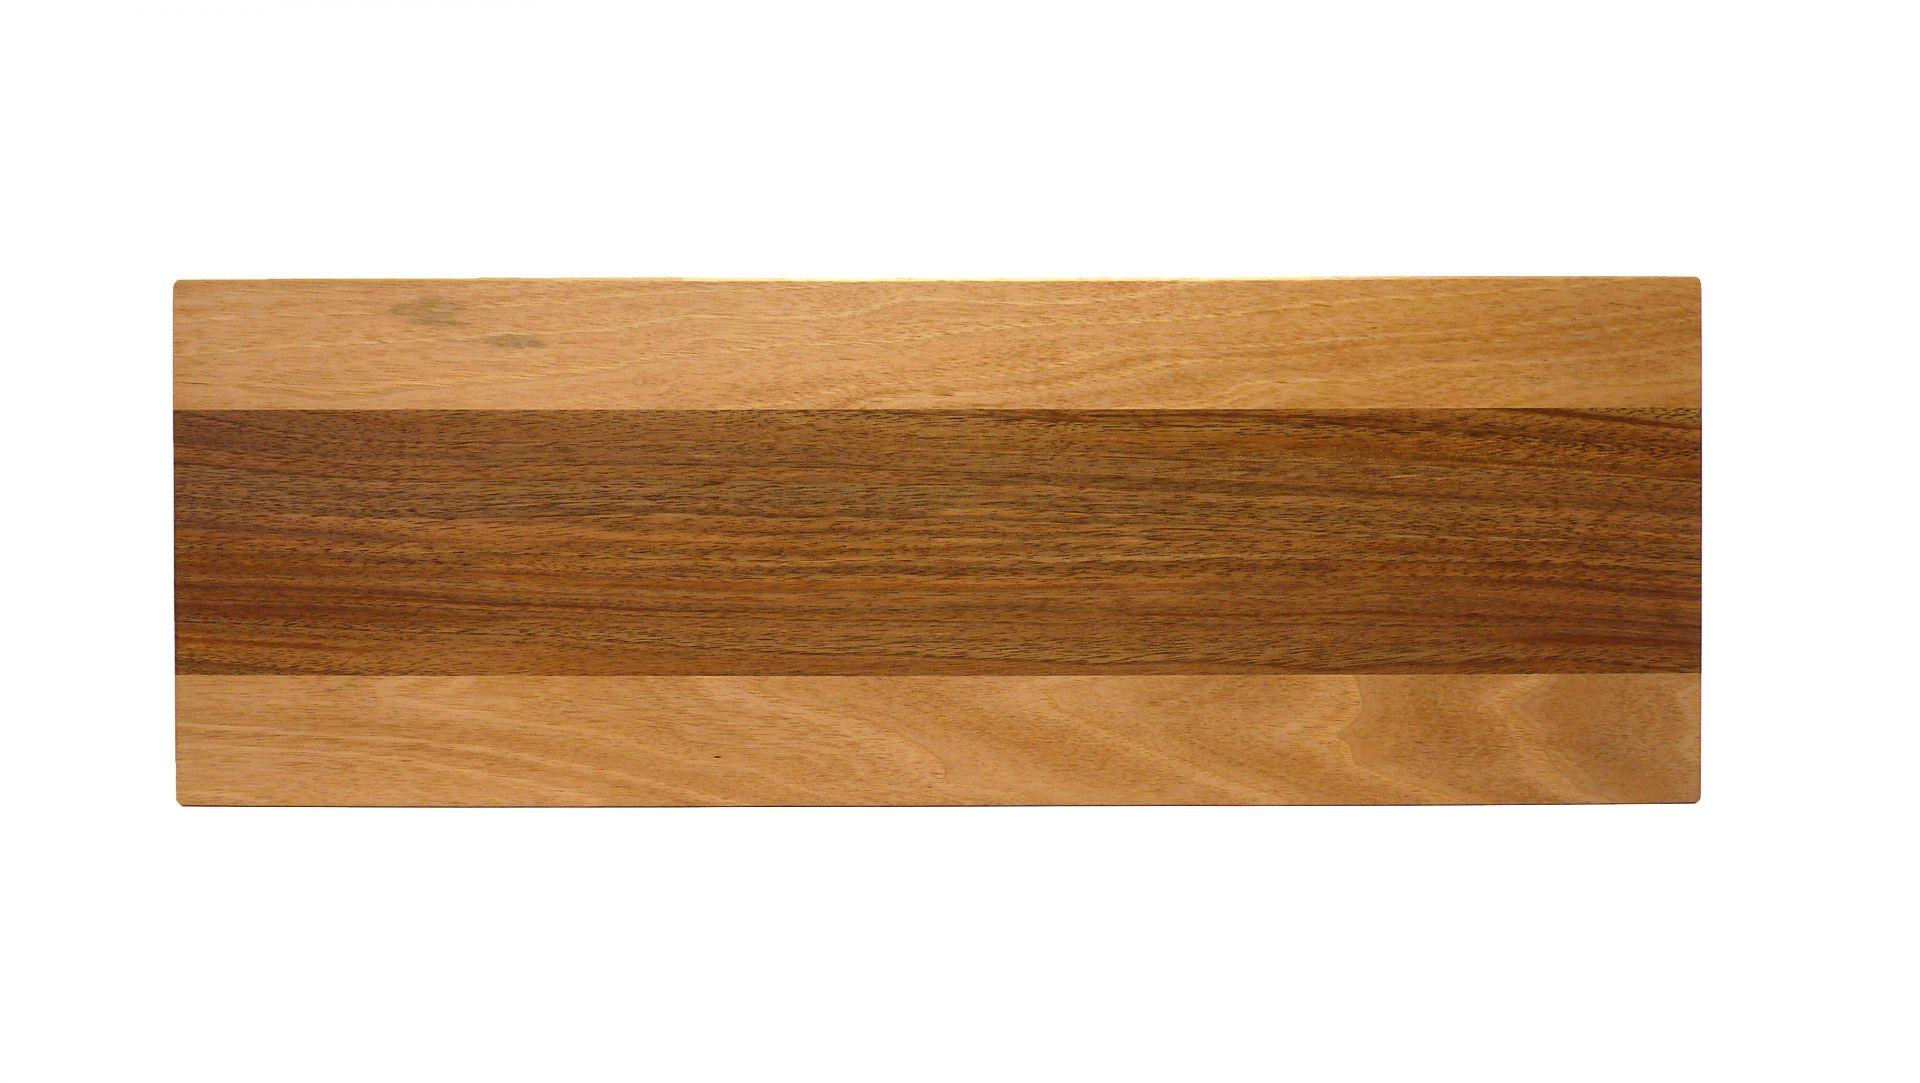 Planke, Nussbaum aus Marxheim im Taunus